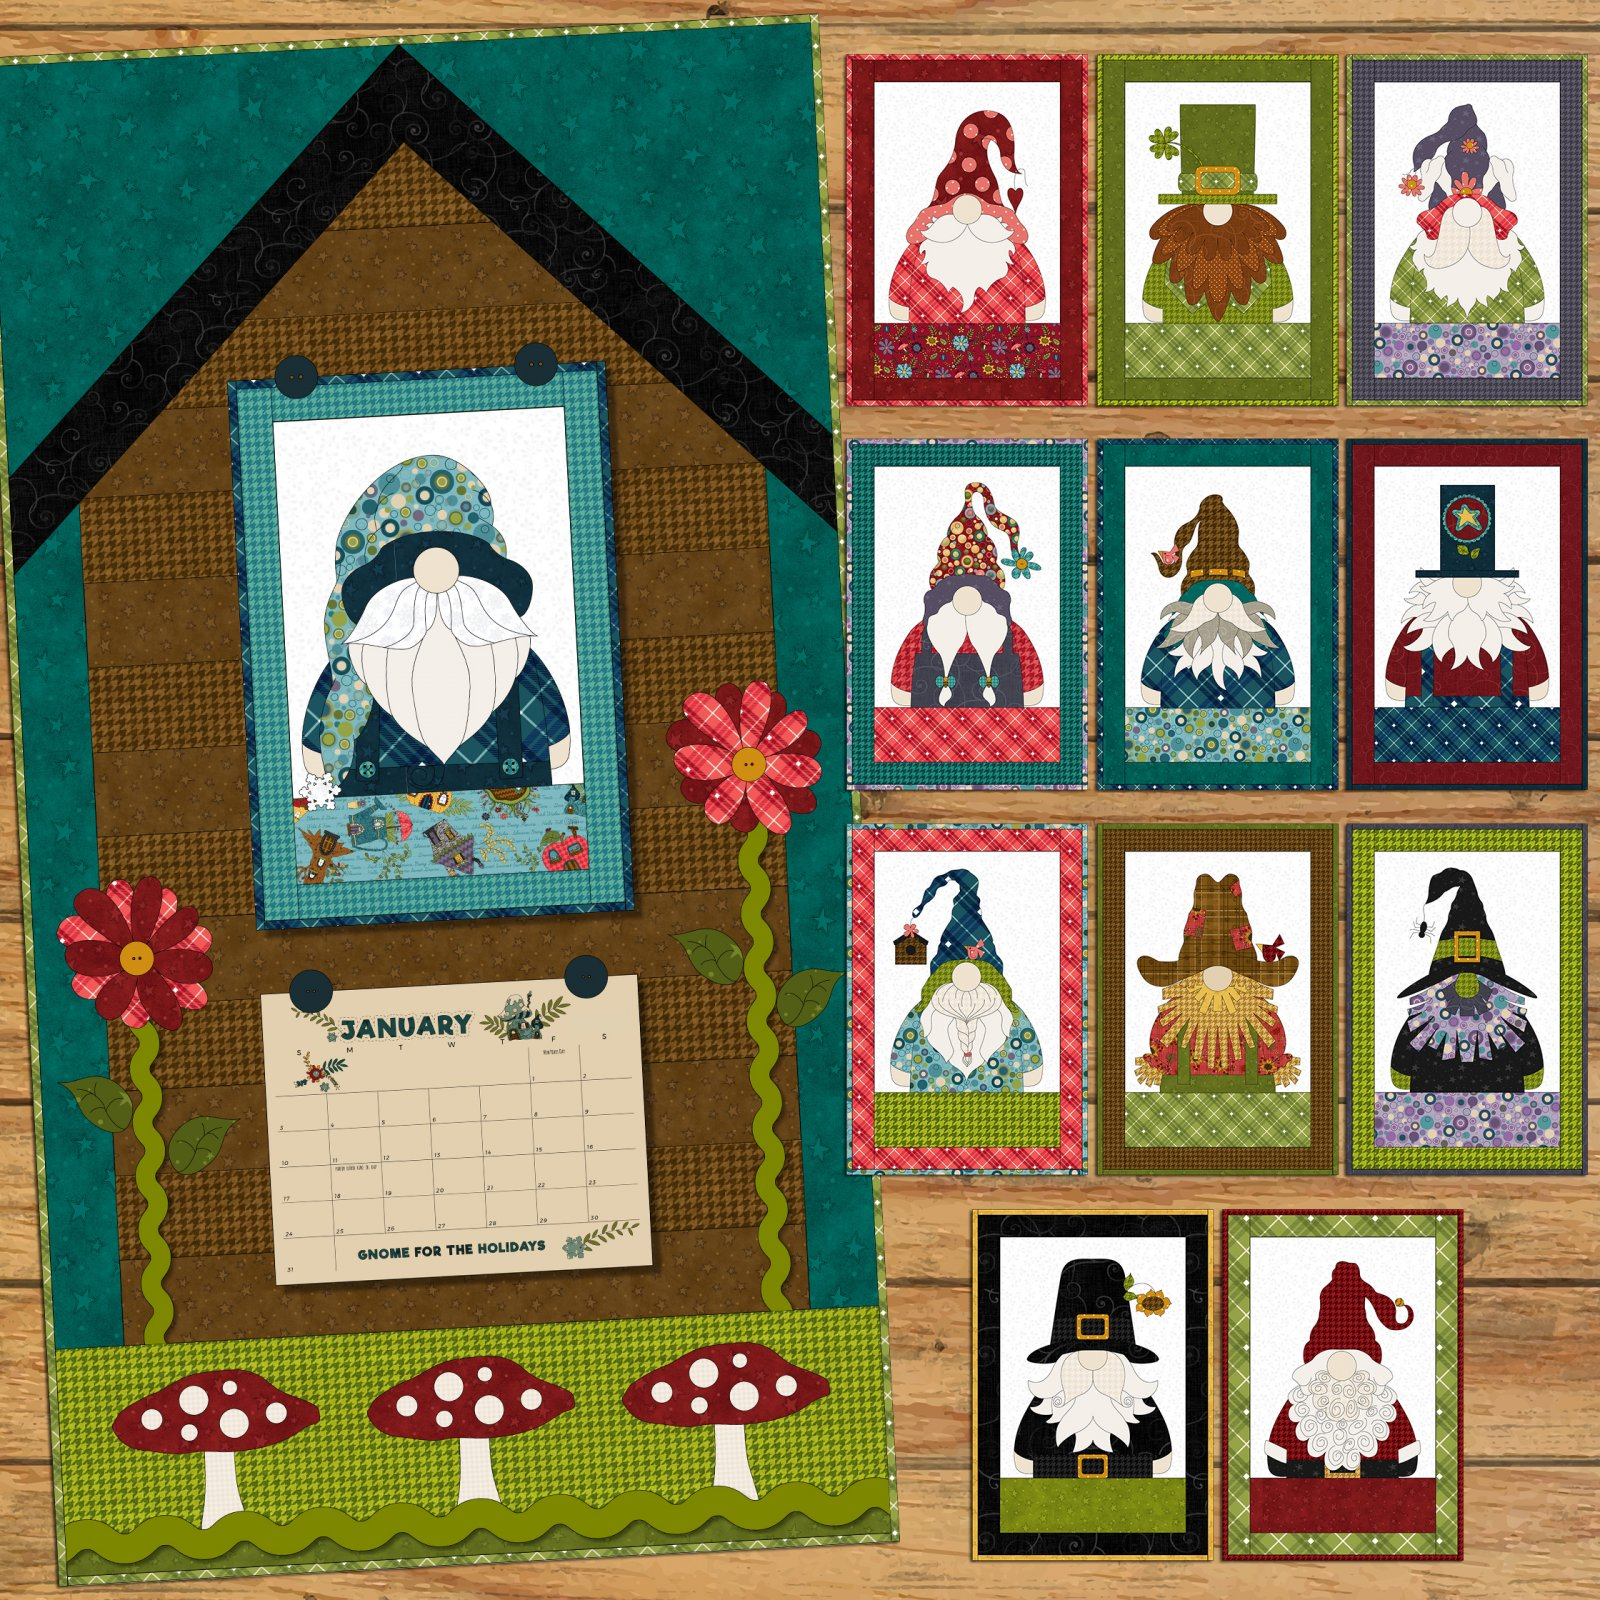 Gnome for the Holidays Calendar Applique Quilt